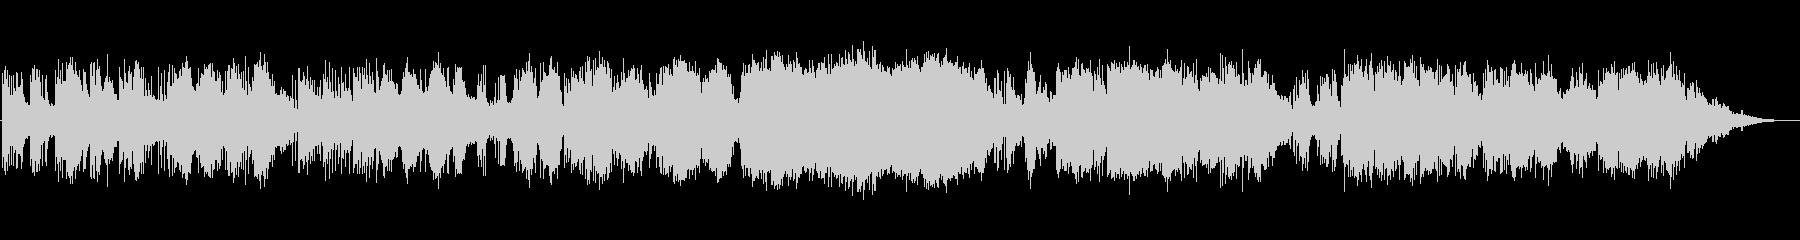 静かなピアノ即興演奏の未再生の波形